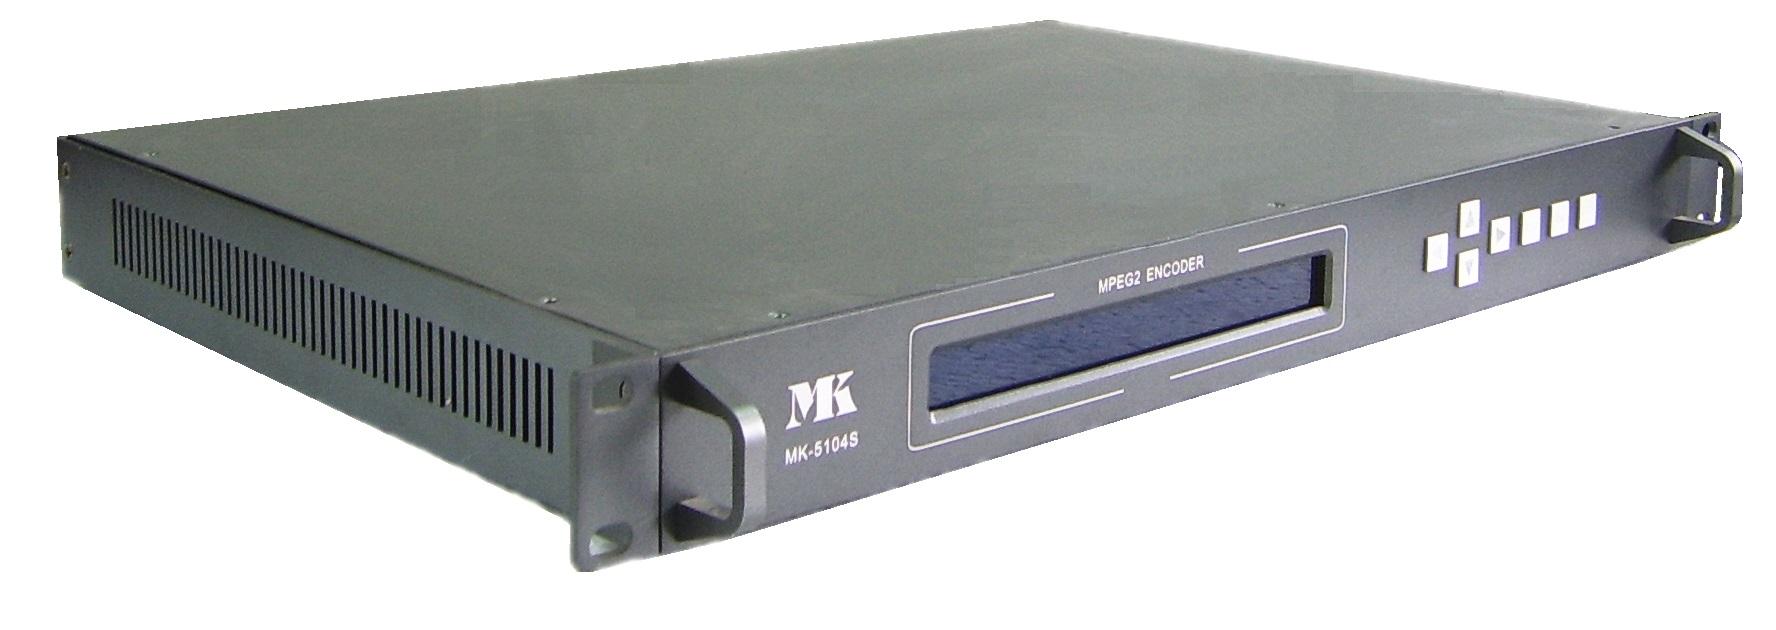 MK5104 编码器 侧面.jpg